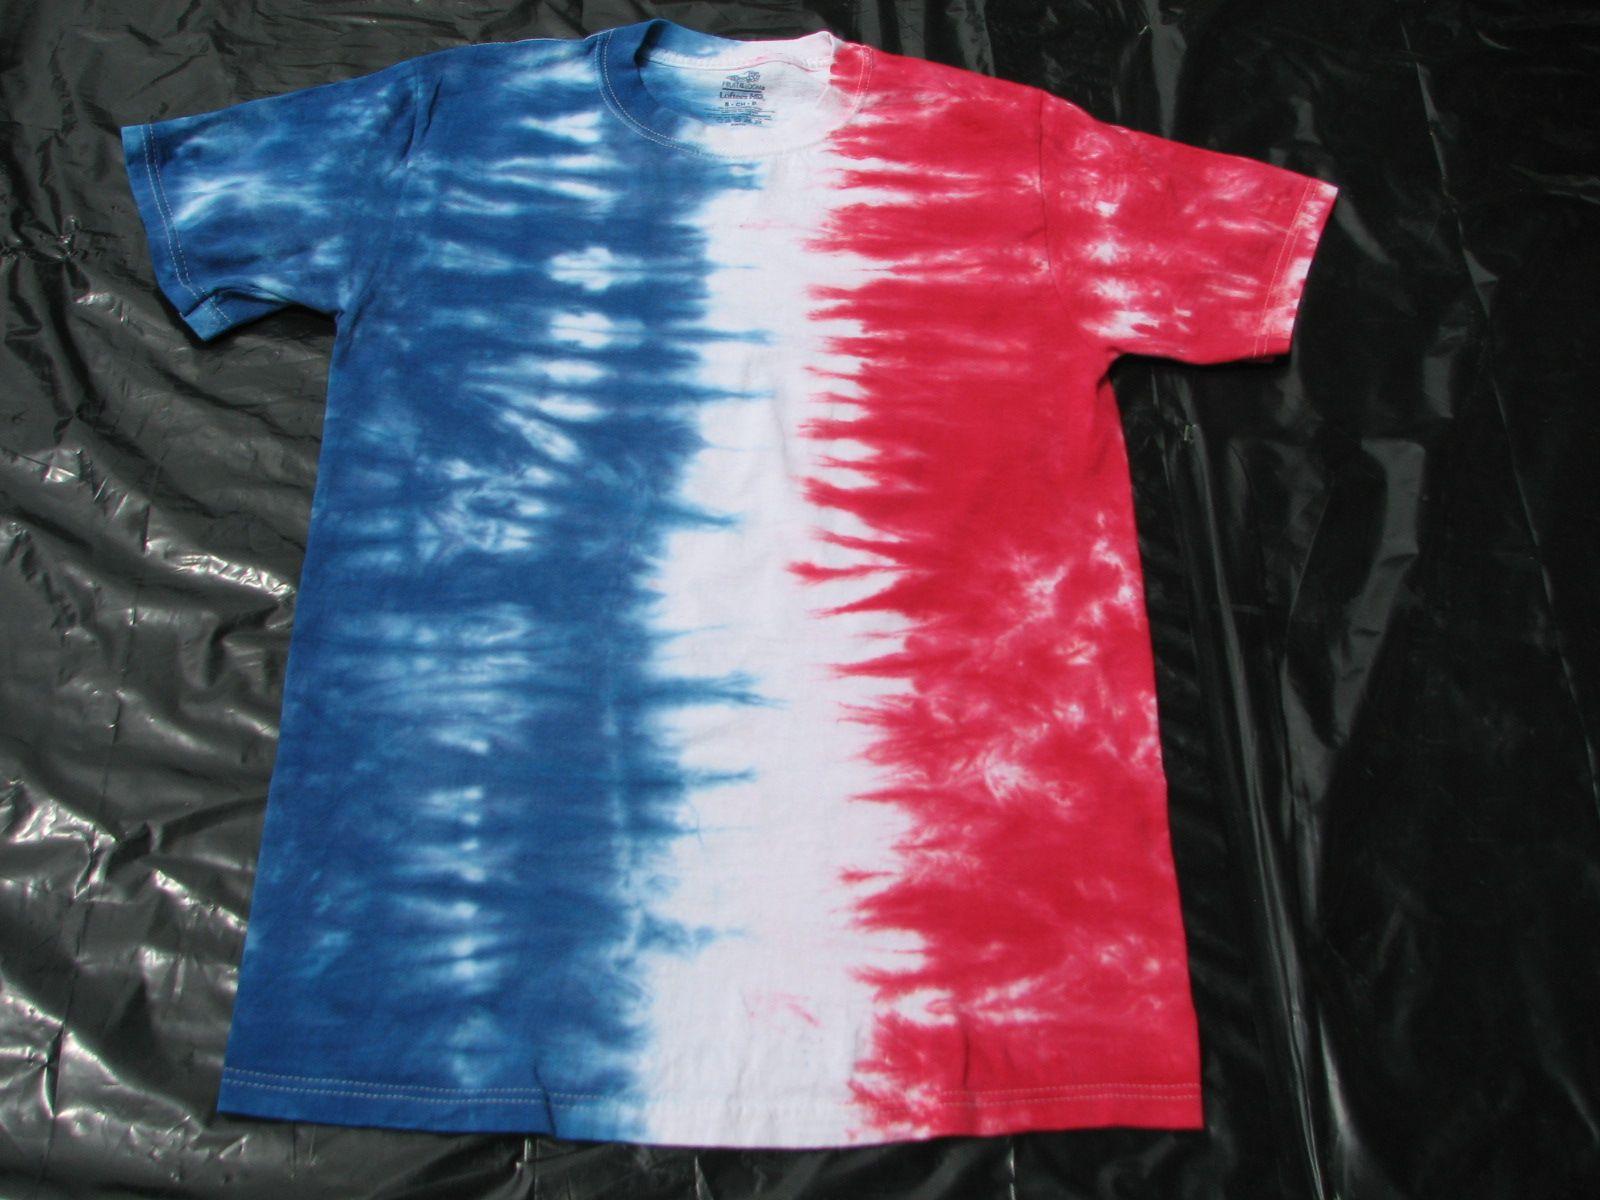 4th of july tie-dye shirt ideas